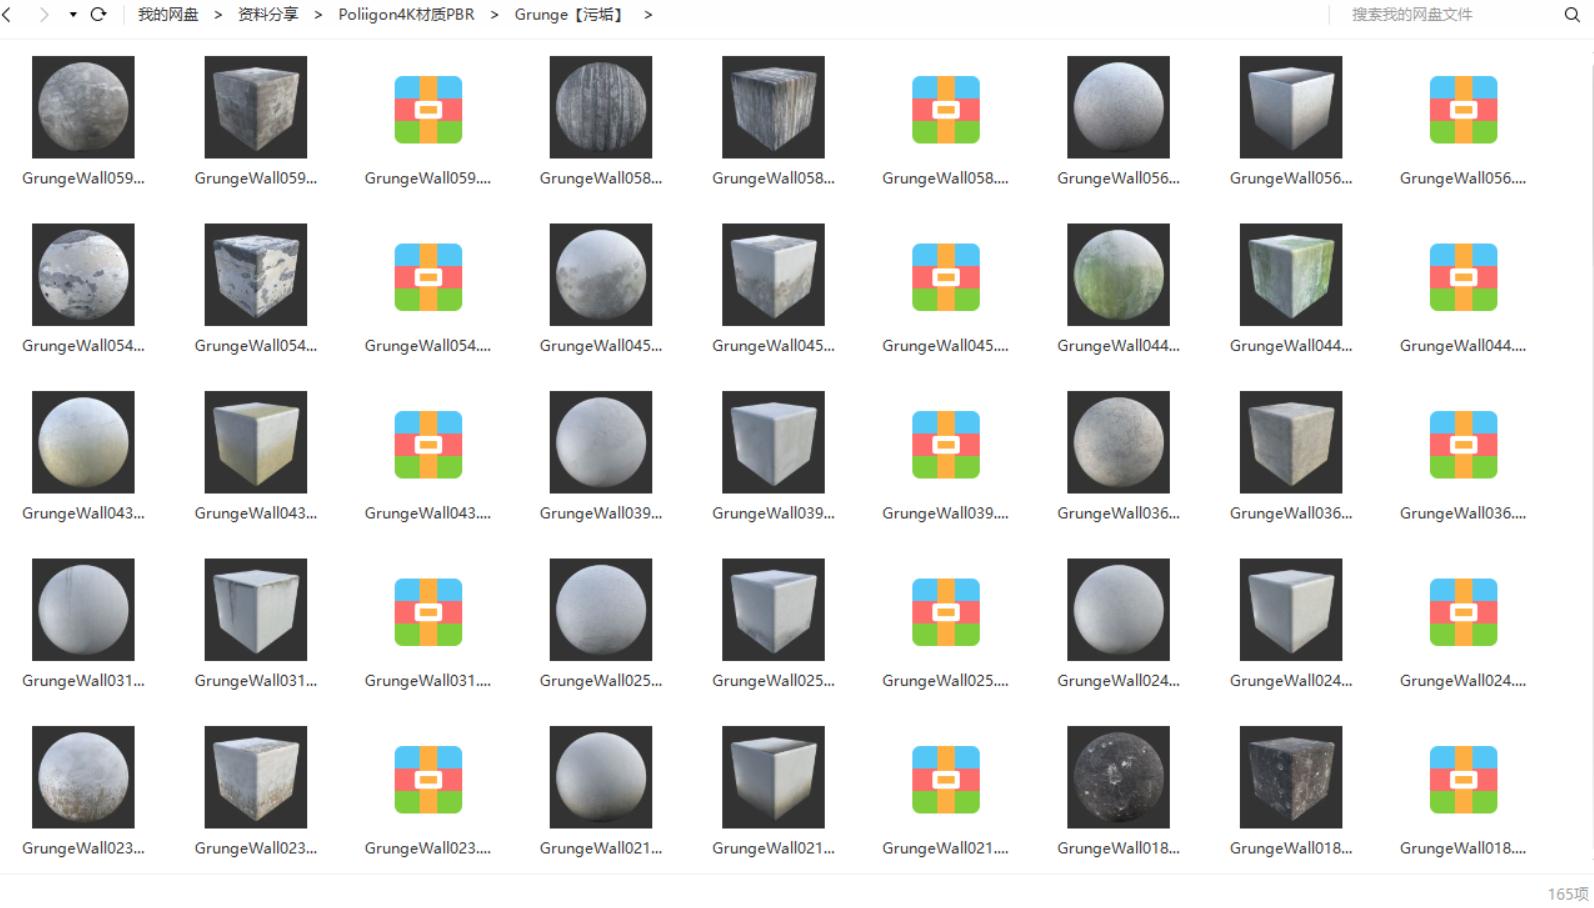 图片[10]-Poliigon4K材质PBR,enscape,d5render,vray等渲染器通用,共185.15GB